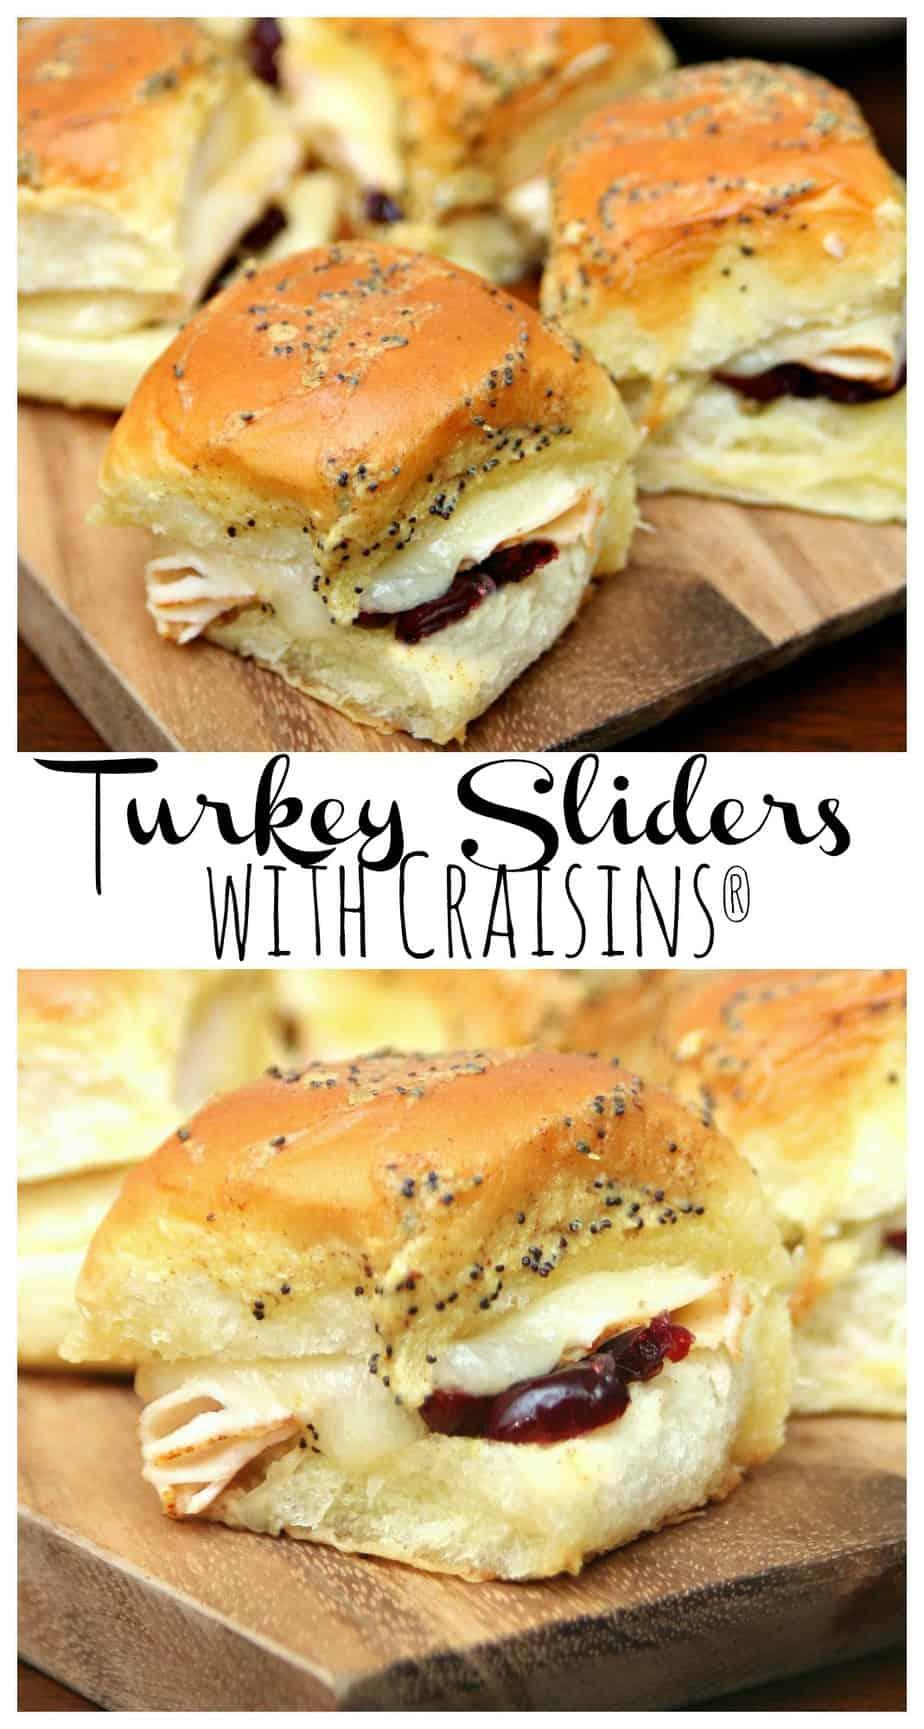 Turkey Sliders with Craisins